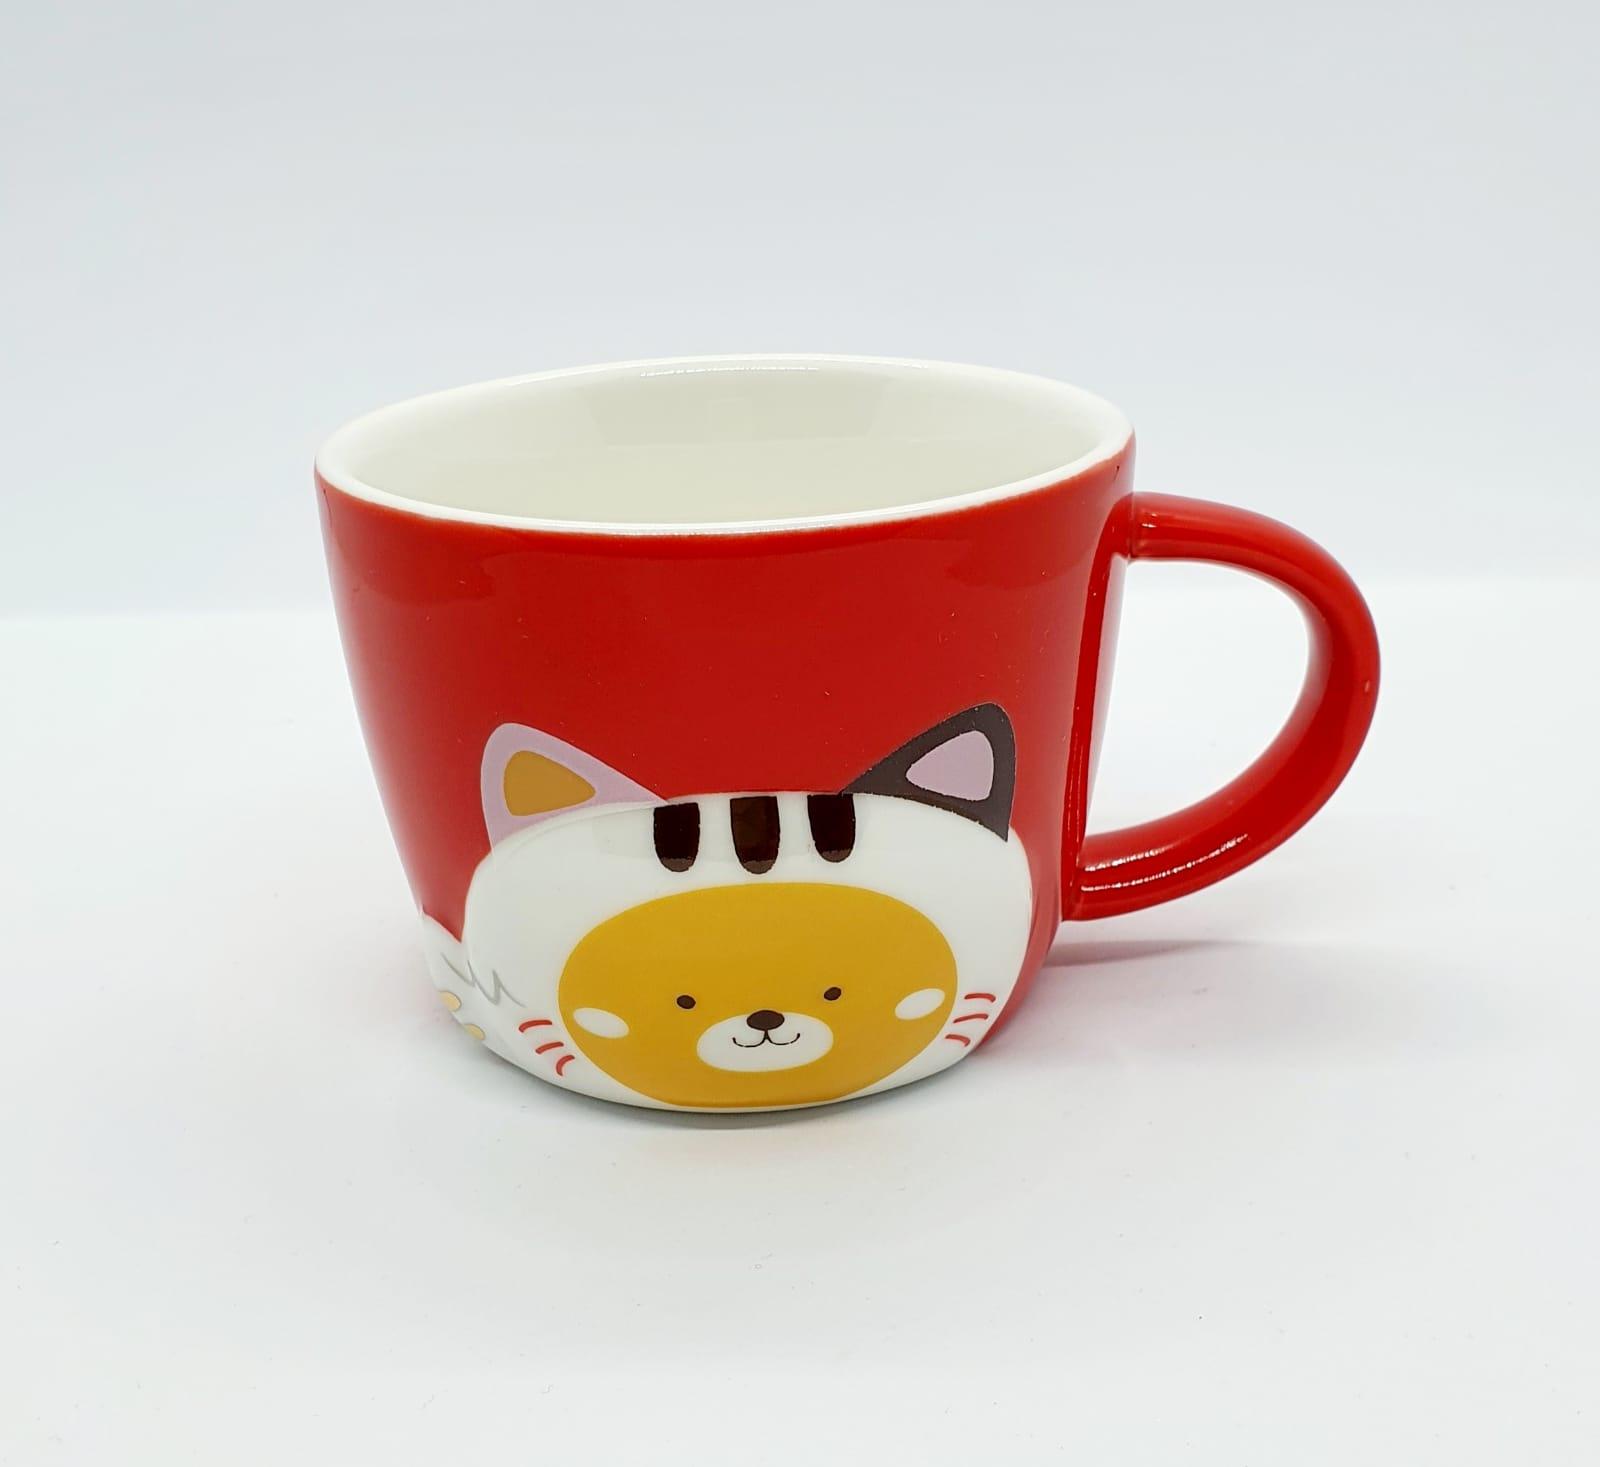 Caneca/Vaso gatinho colors vermelho em cerâmica - 200ml